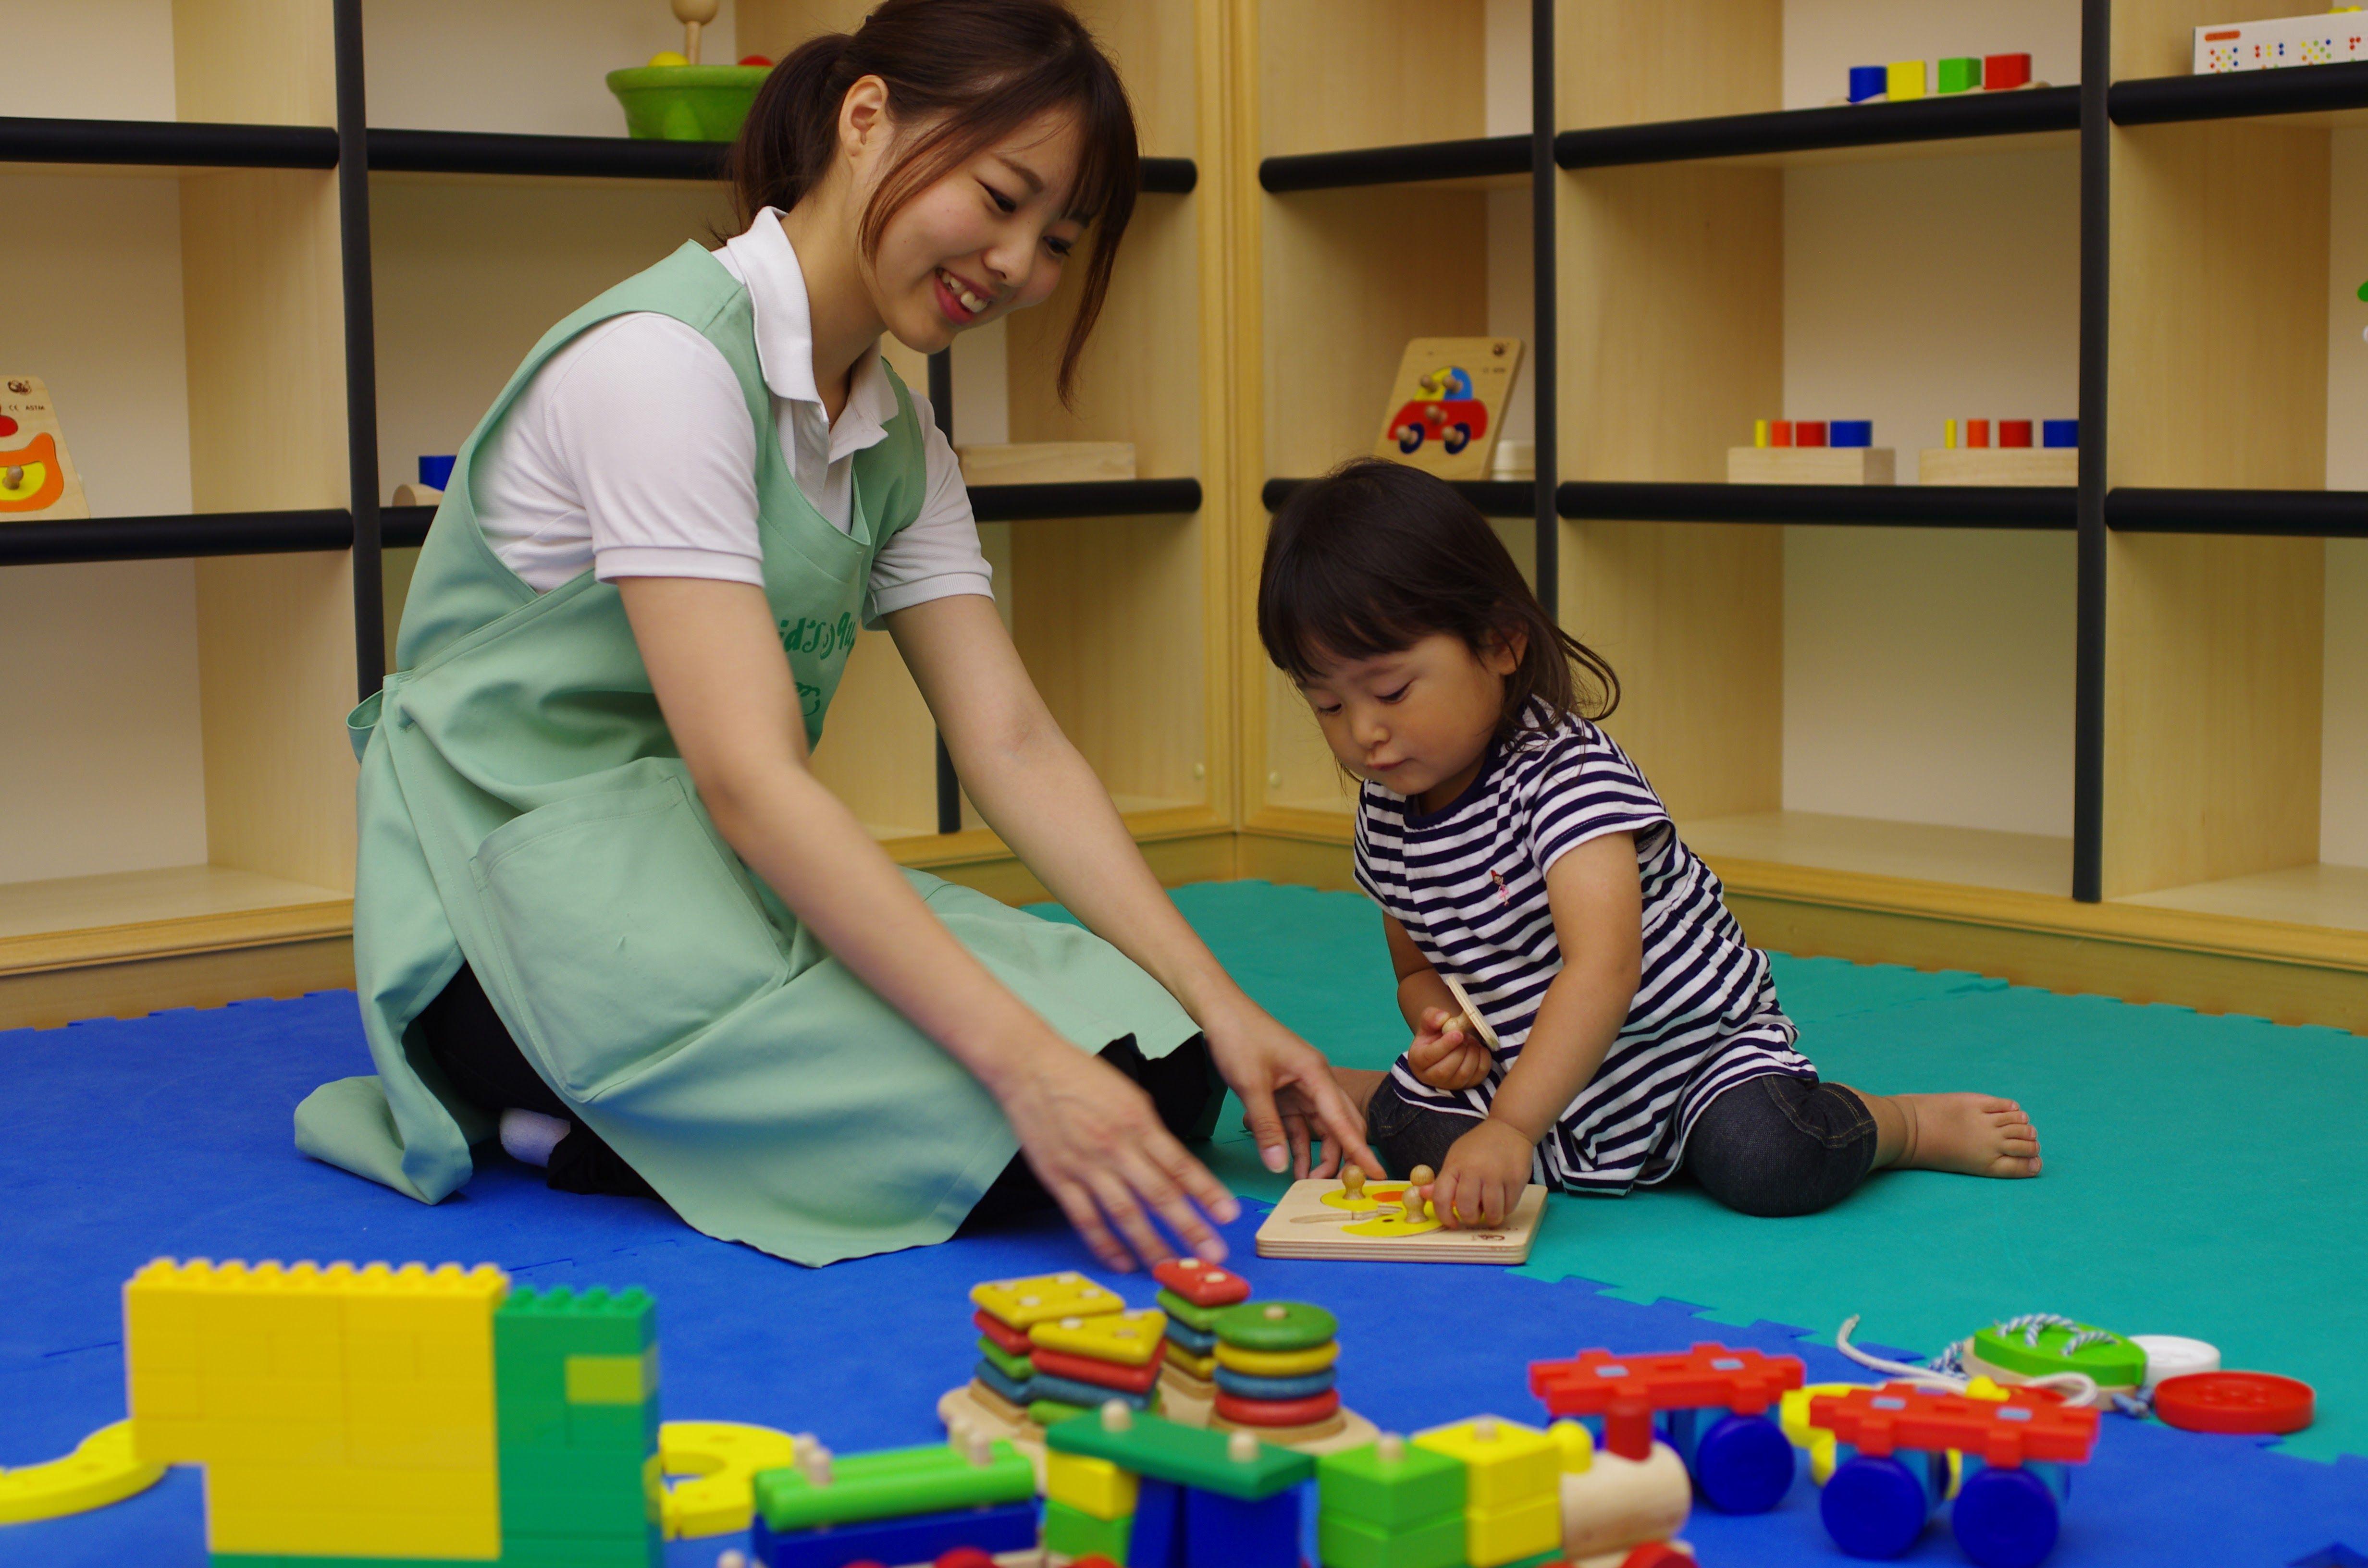 【京橋駅直結】オフィスビル内の少人数制施設で働きませんか?